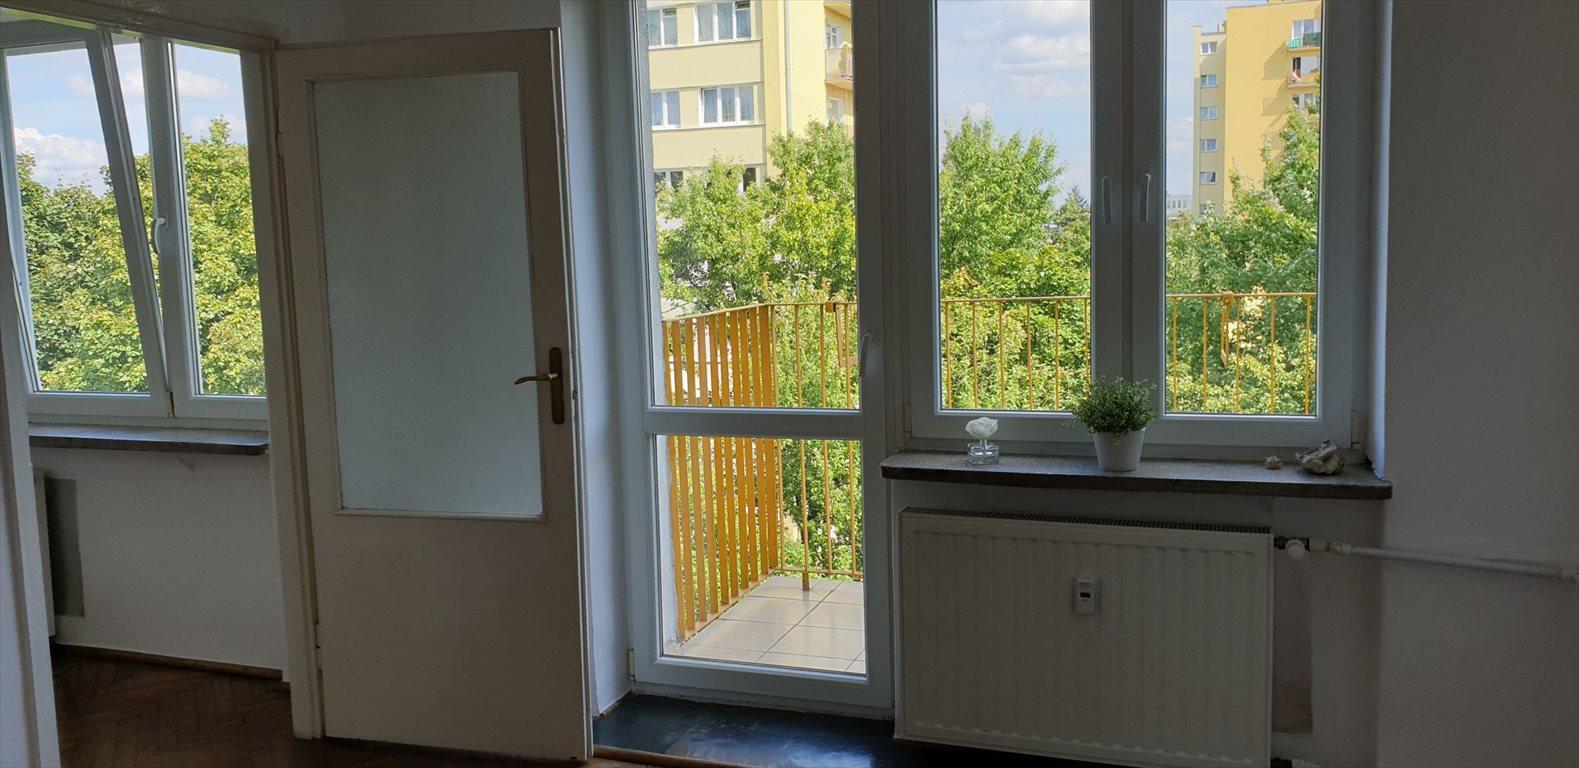 Mieszkanie trzypokojowe na sprzedaż Warszawa, Praga-Południe, Grochów, Garwolińska  48m2 Foto 5